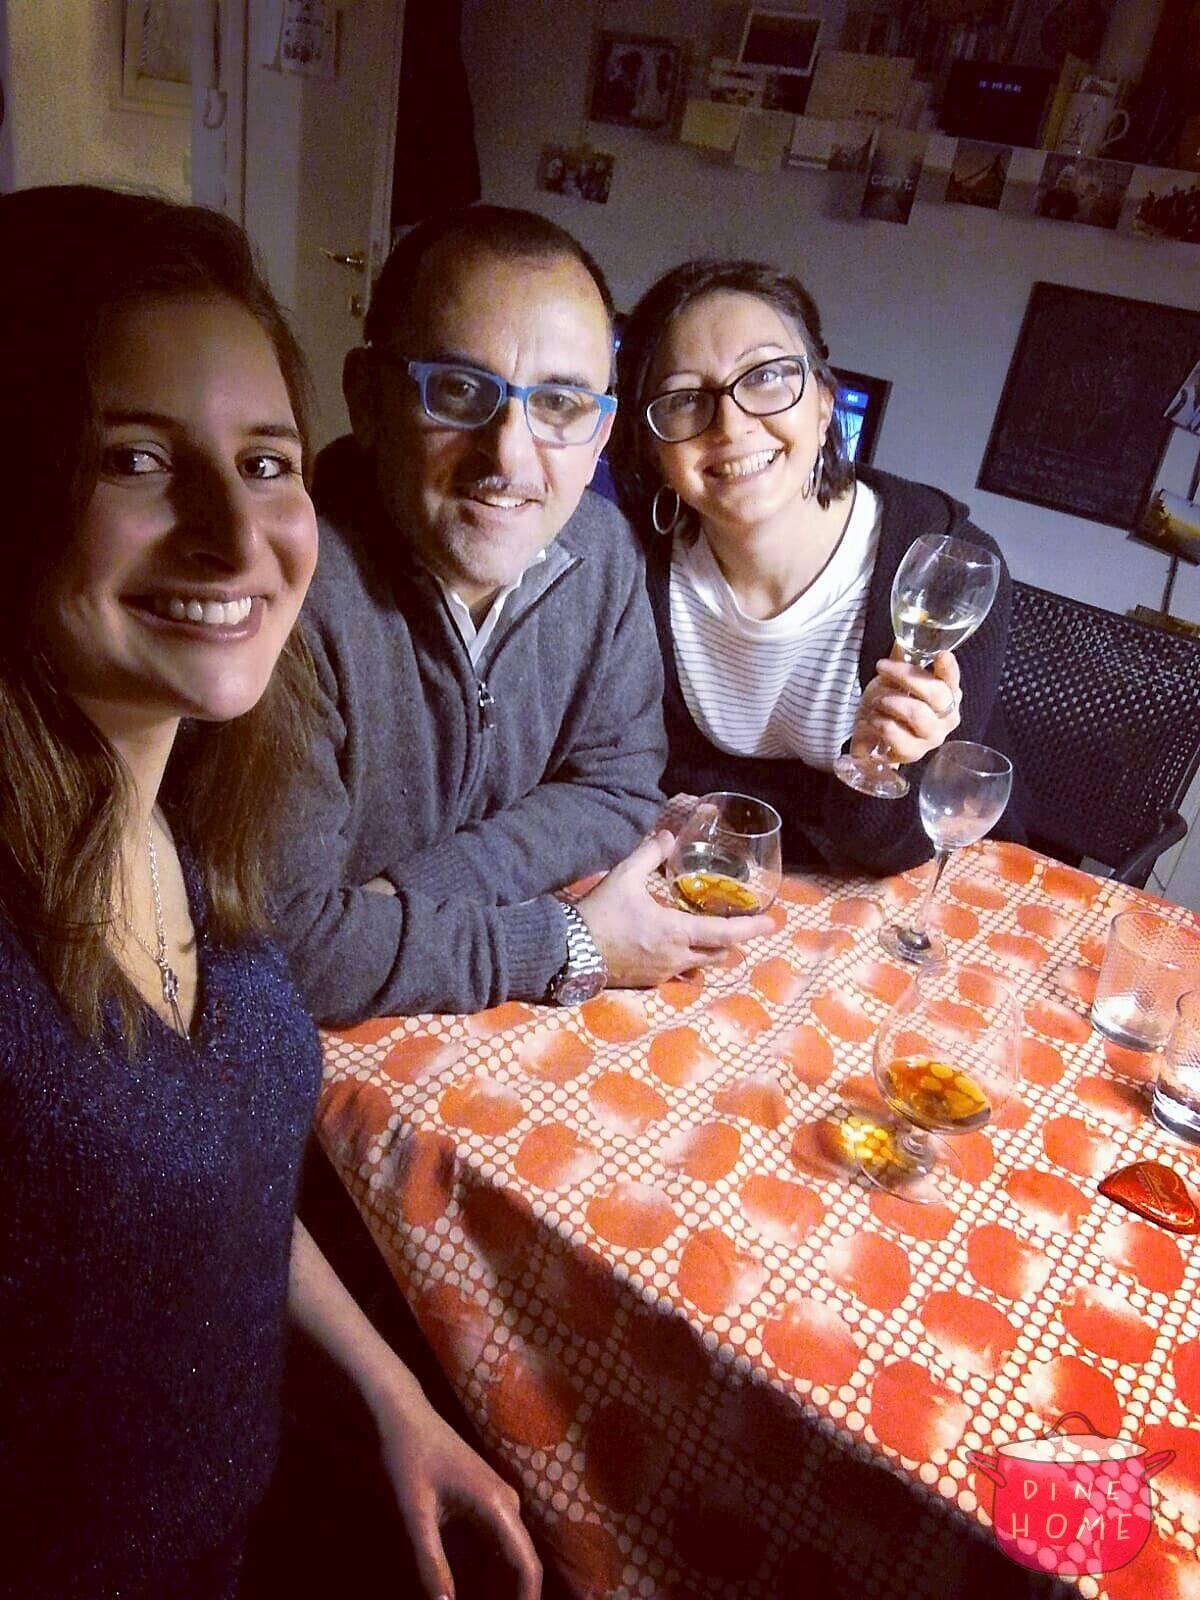 Aliza, studentessa USA, a cena dalla sua famiglia Dinehome.